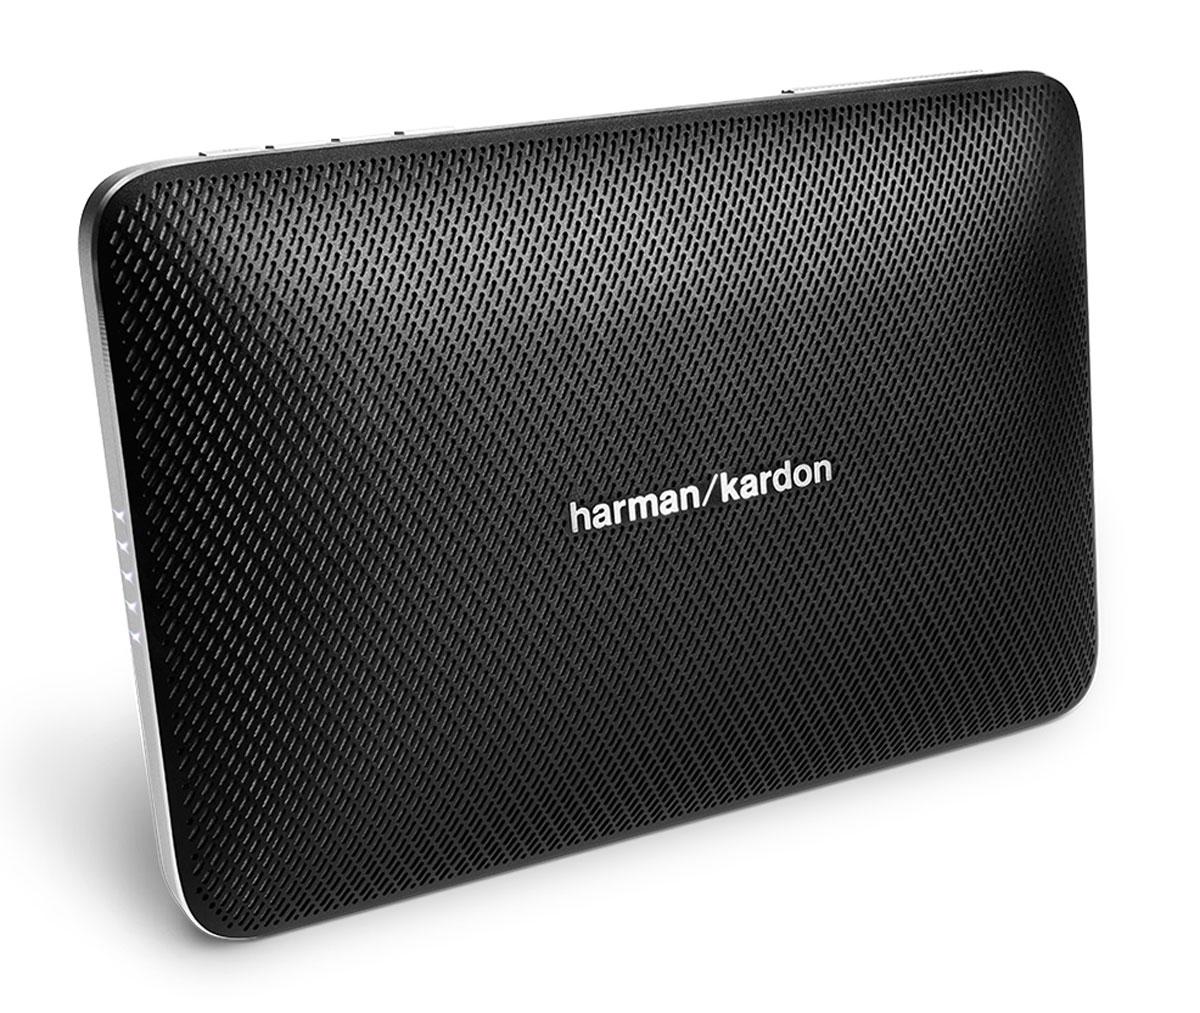 Harman Kardon Esquire 2, Black портативная акустическая системаHKESQUIRE2BLKHarman Kardon Esquire 2 - беспроводная Bluetooth-колонка, ставшая сосредоточением мастерства и производительности, высококачественных материалов и современных возможностей.Данная модель обеспечивает богатое высококлассное звучание благодаря передовым разработкам в акустике и четырем профессионально настроенным динамикам. Эта портативная колонка обладает технологией Bluetooth для беспроводного соединения, а также USB-портом для подзарядки телефонов и других устройств.Еще одно отличие Esquire 2 - беспрецедентная система конференцсвязи. Под цельным алюминиевым корпусом расположились четыре микрофона с технологией эхо- и шумпоподавления VoiceLogic с окружающим звучанием 360 градусов. Вы услышите все до последней буквы – даже в самых шумных местах. Исполненный в тонком форм-факторе и невесомом дизайне, Esquire 2 легко скользнет в чемодан или сумочку, но также станет центром притяжения в конференц-зале.Необязательно все время держать динамик в руках – откиньте подставку и поставьте Harman Kardon Esquire 2 на стол. Тогда ни одна нота не будет утеряна.Harman Kardon Esquire 2 обладает лучшим качеством звука в своей категории и отличается уровнем производительности, который, казалось бы, противоречит его удобному компактному размеру. Мощный объемный звук в малогабаритном динамике? Harman Kardon снова делает это.Динамики: 4 x 32 ммАккумулятор: 3200 мАч Как выбрать портативную колонку. Статья OZON Гид